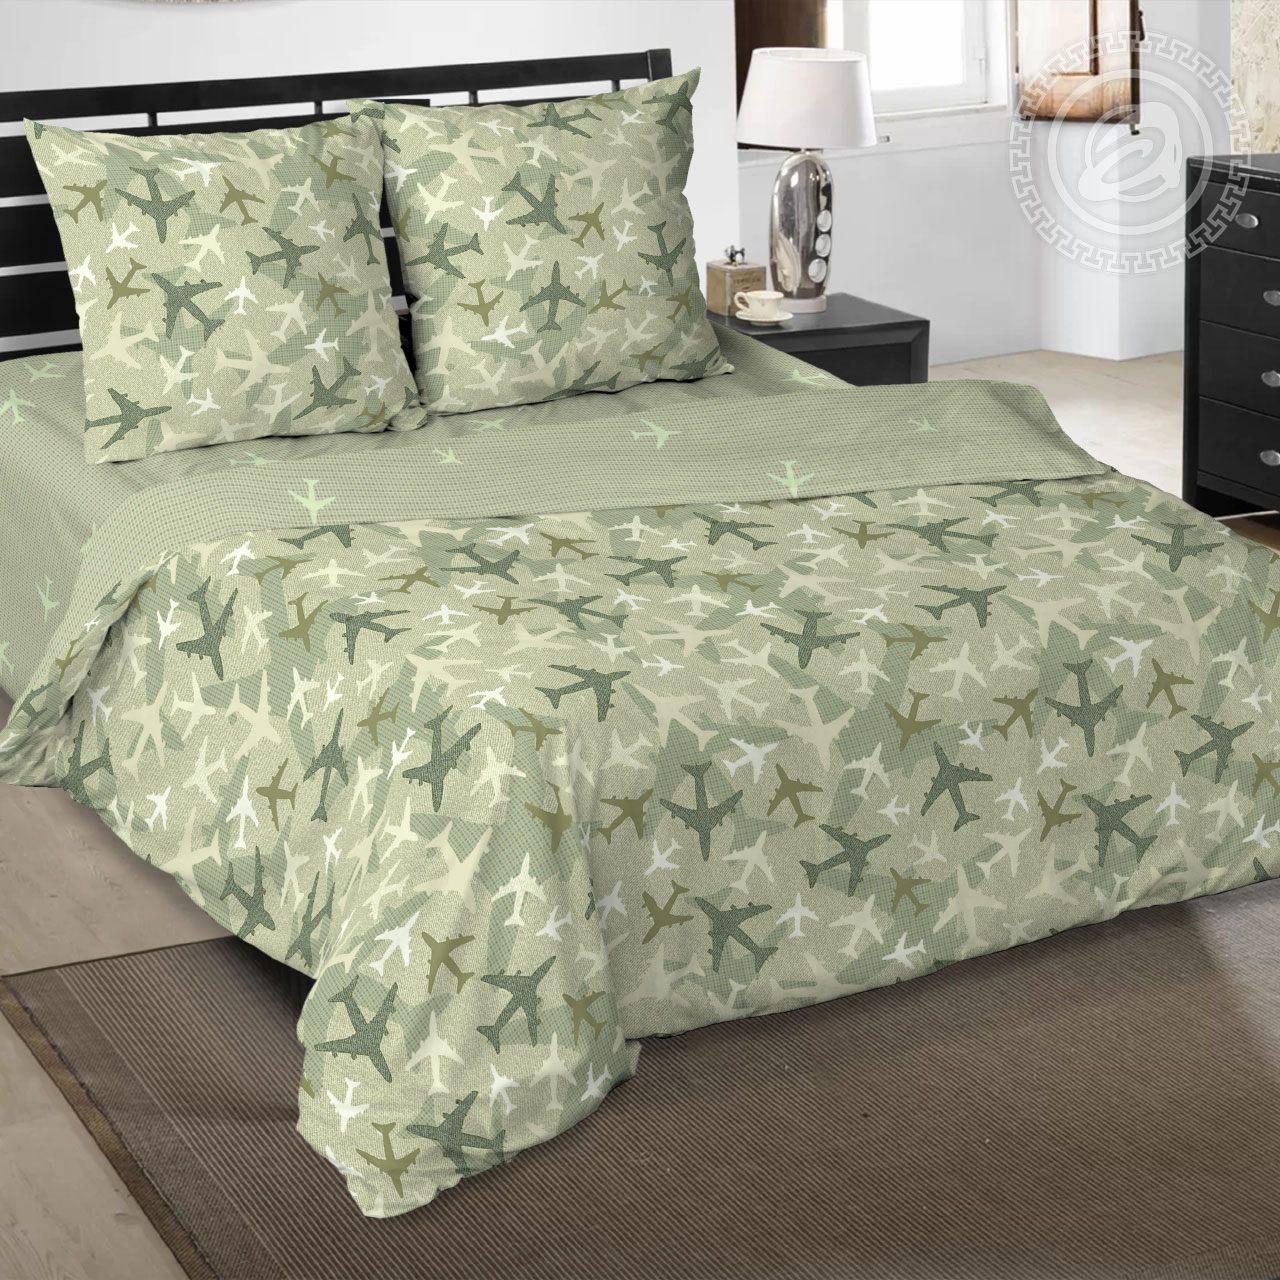 Фото - Постельное белье Самолетик (поплин) (1,5 спальный) постельное белье этель кружева комплект 2 спальный поплин 2670978